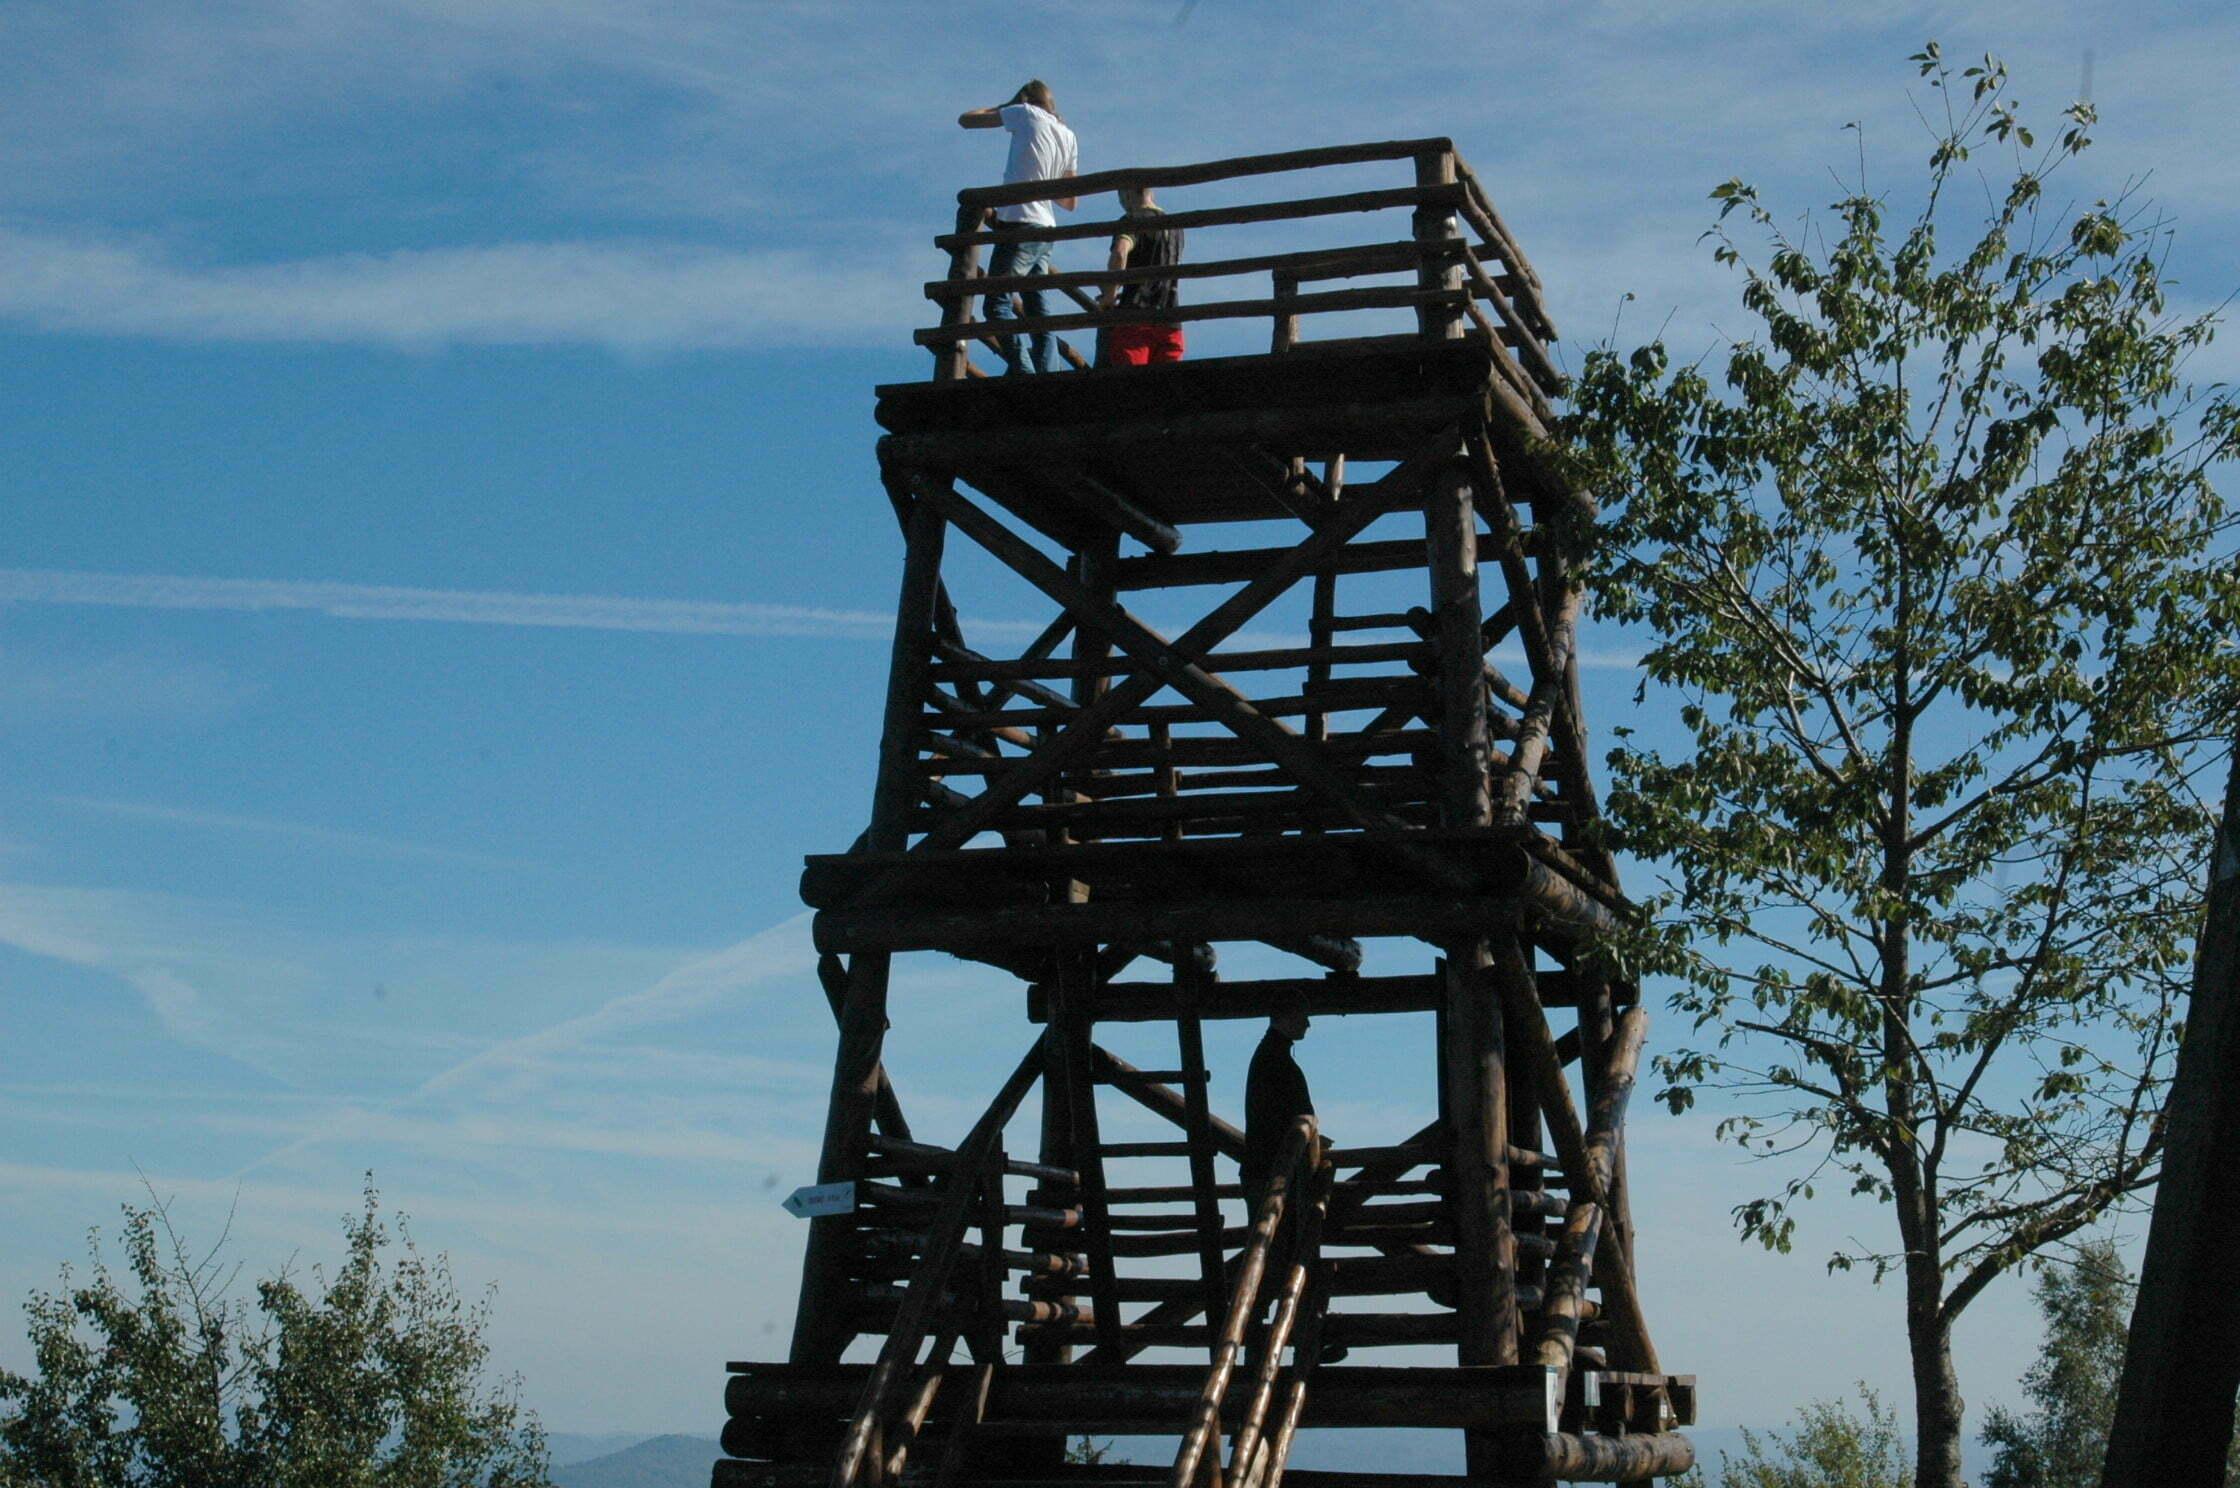 Wieża widokowa / fot. Lidia Tul-Chmielewska